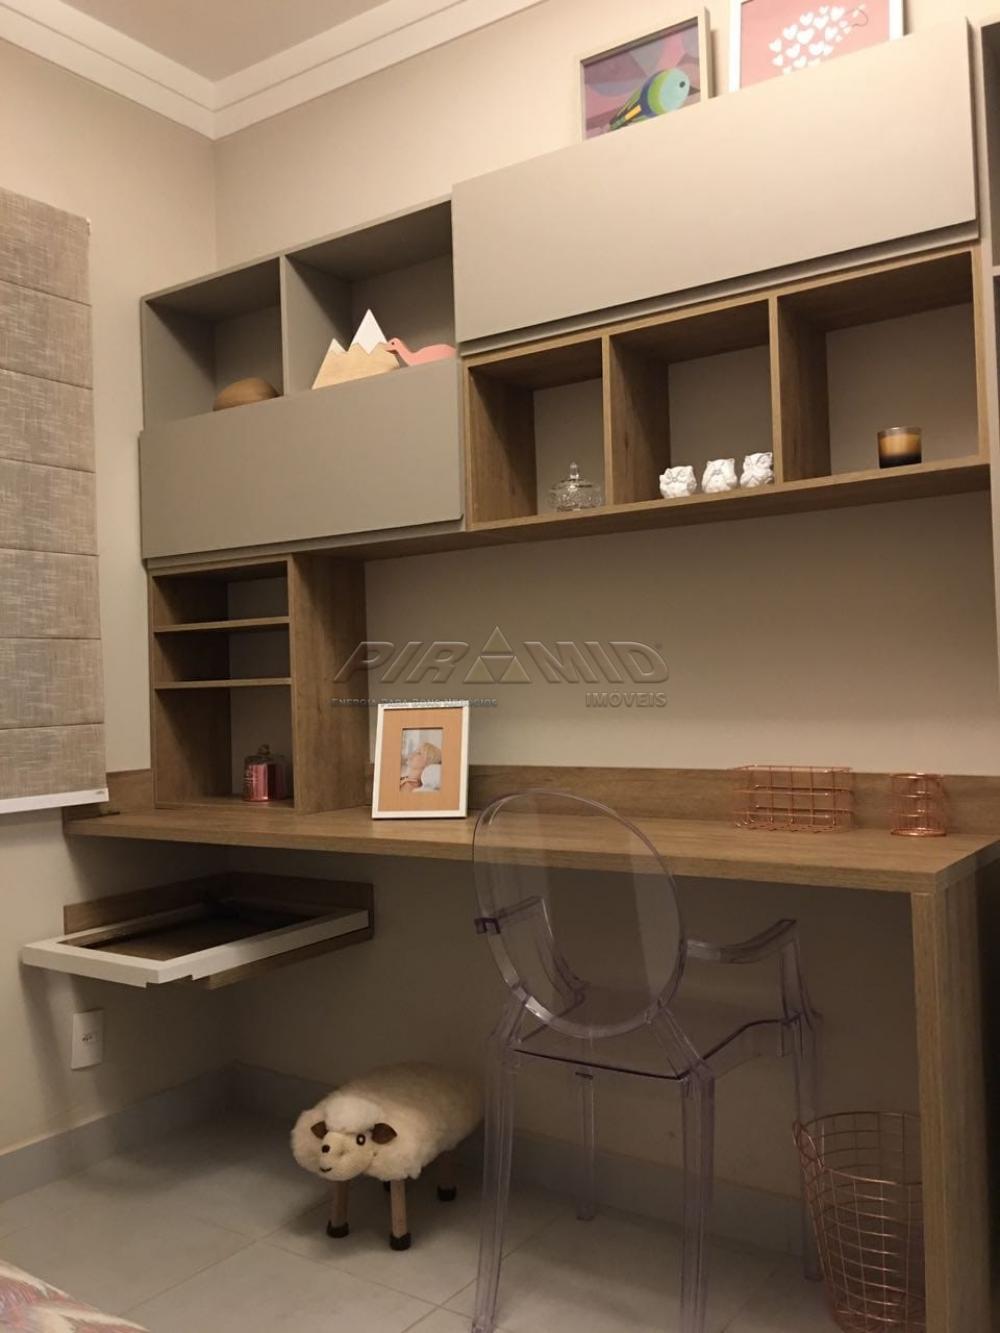 Comprar Apartamento / Padrão em Ribeirão Preto apenas R$ 203.320,00 - Foto 5